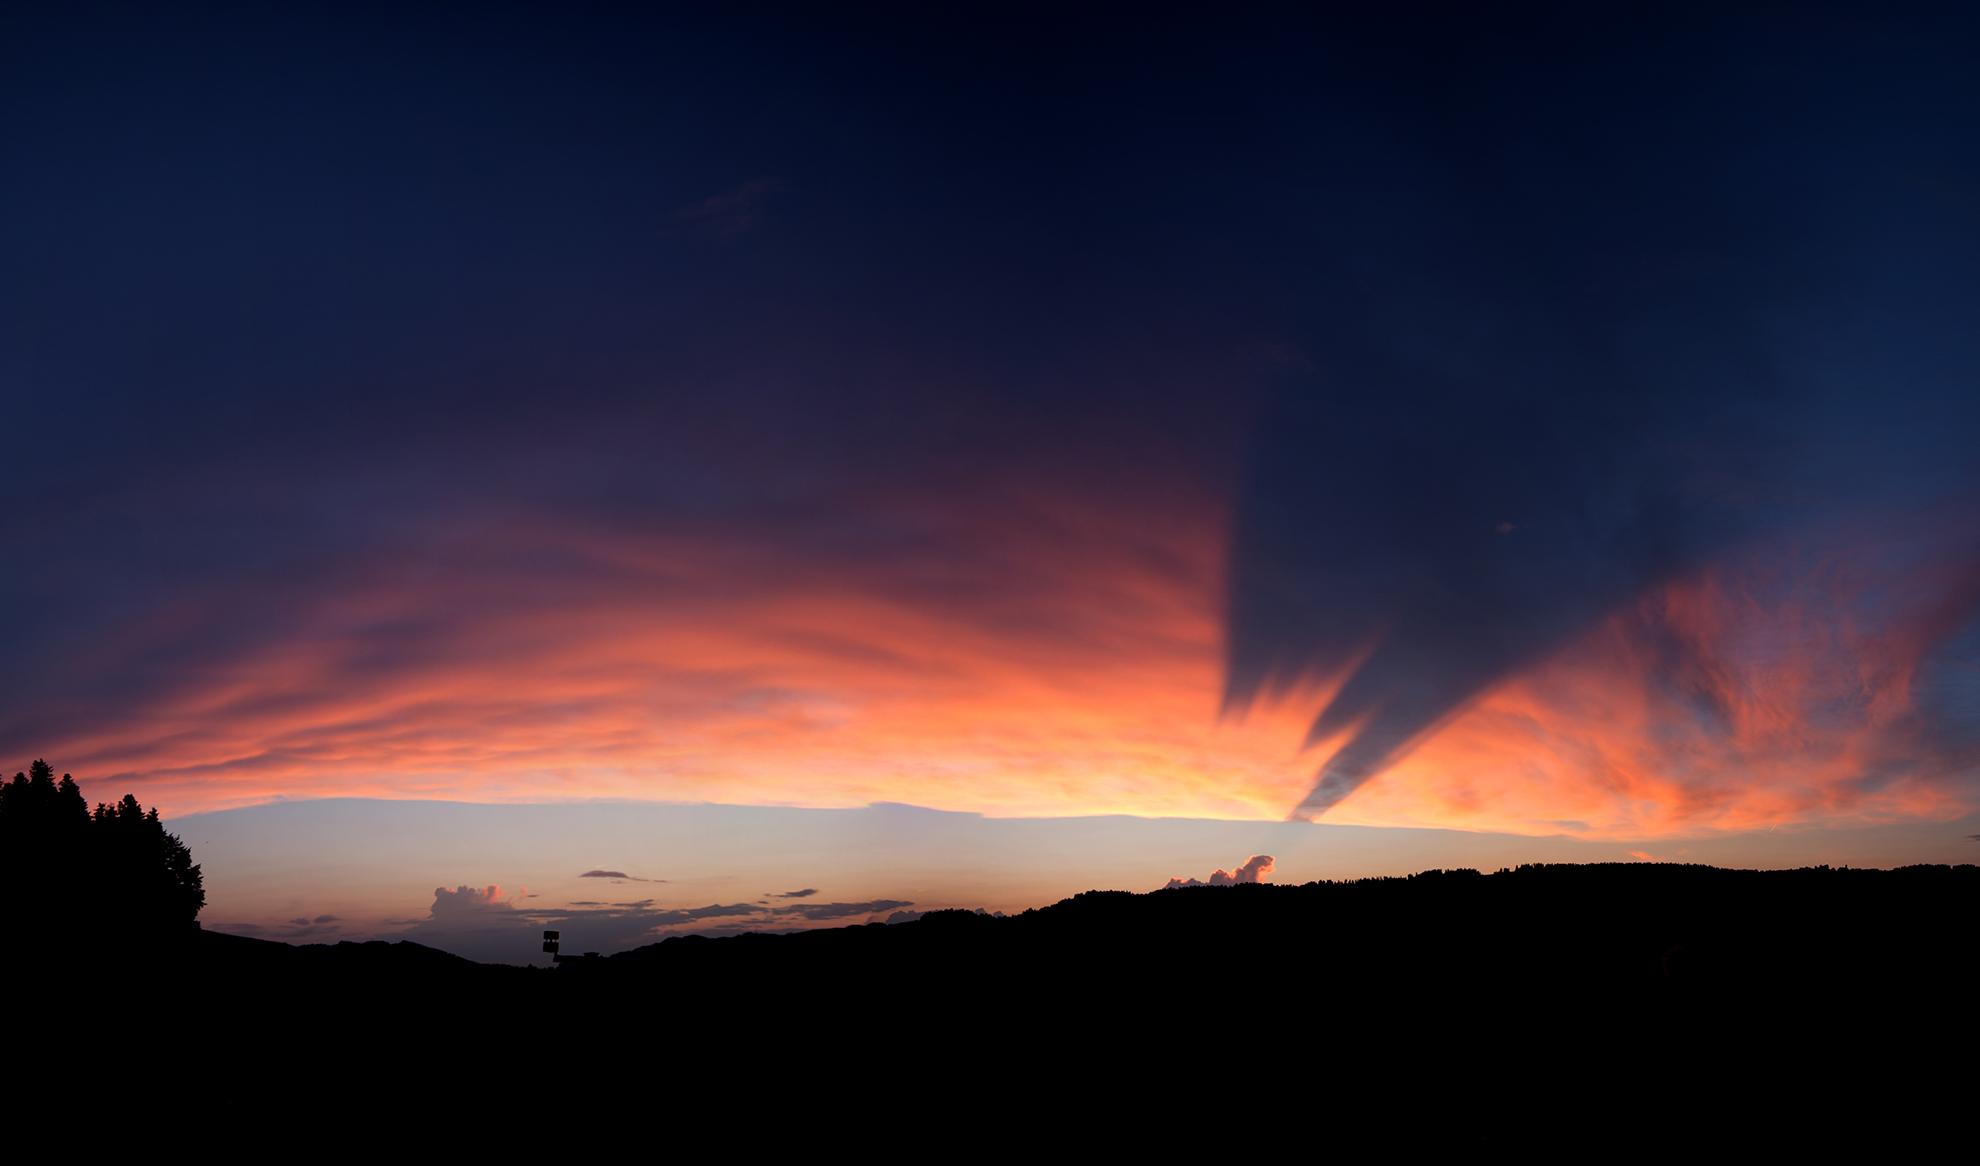 Wolkenschatten auf Wolkendecke